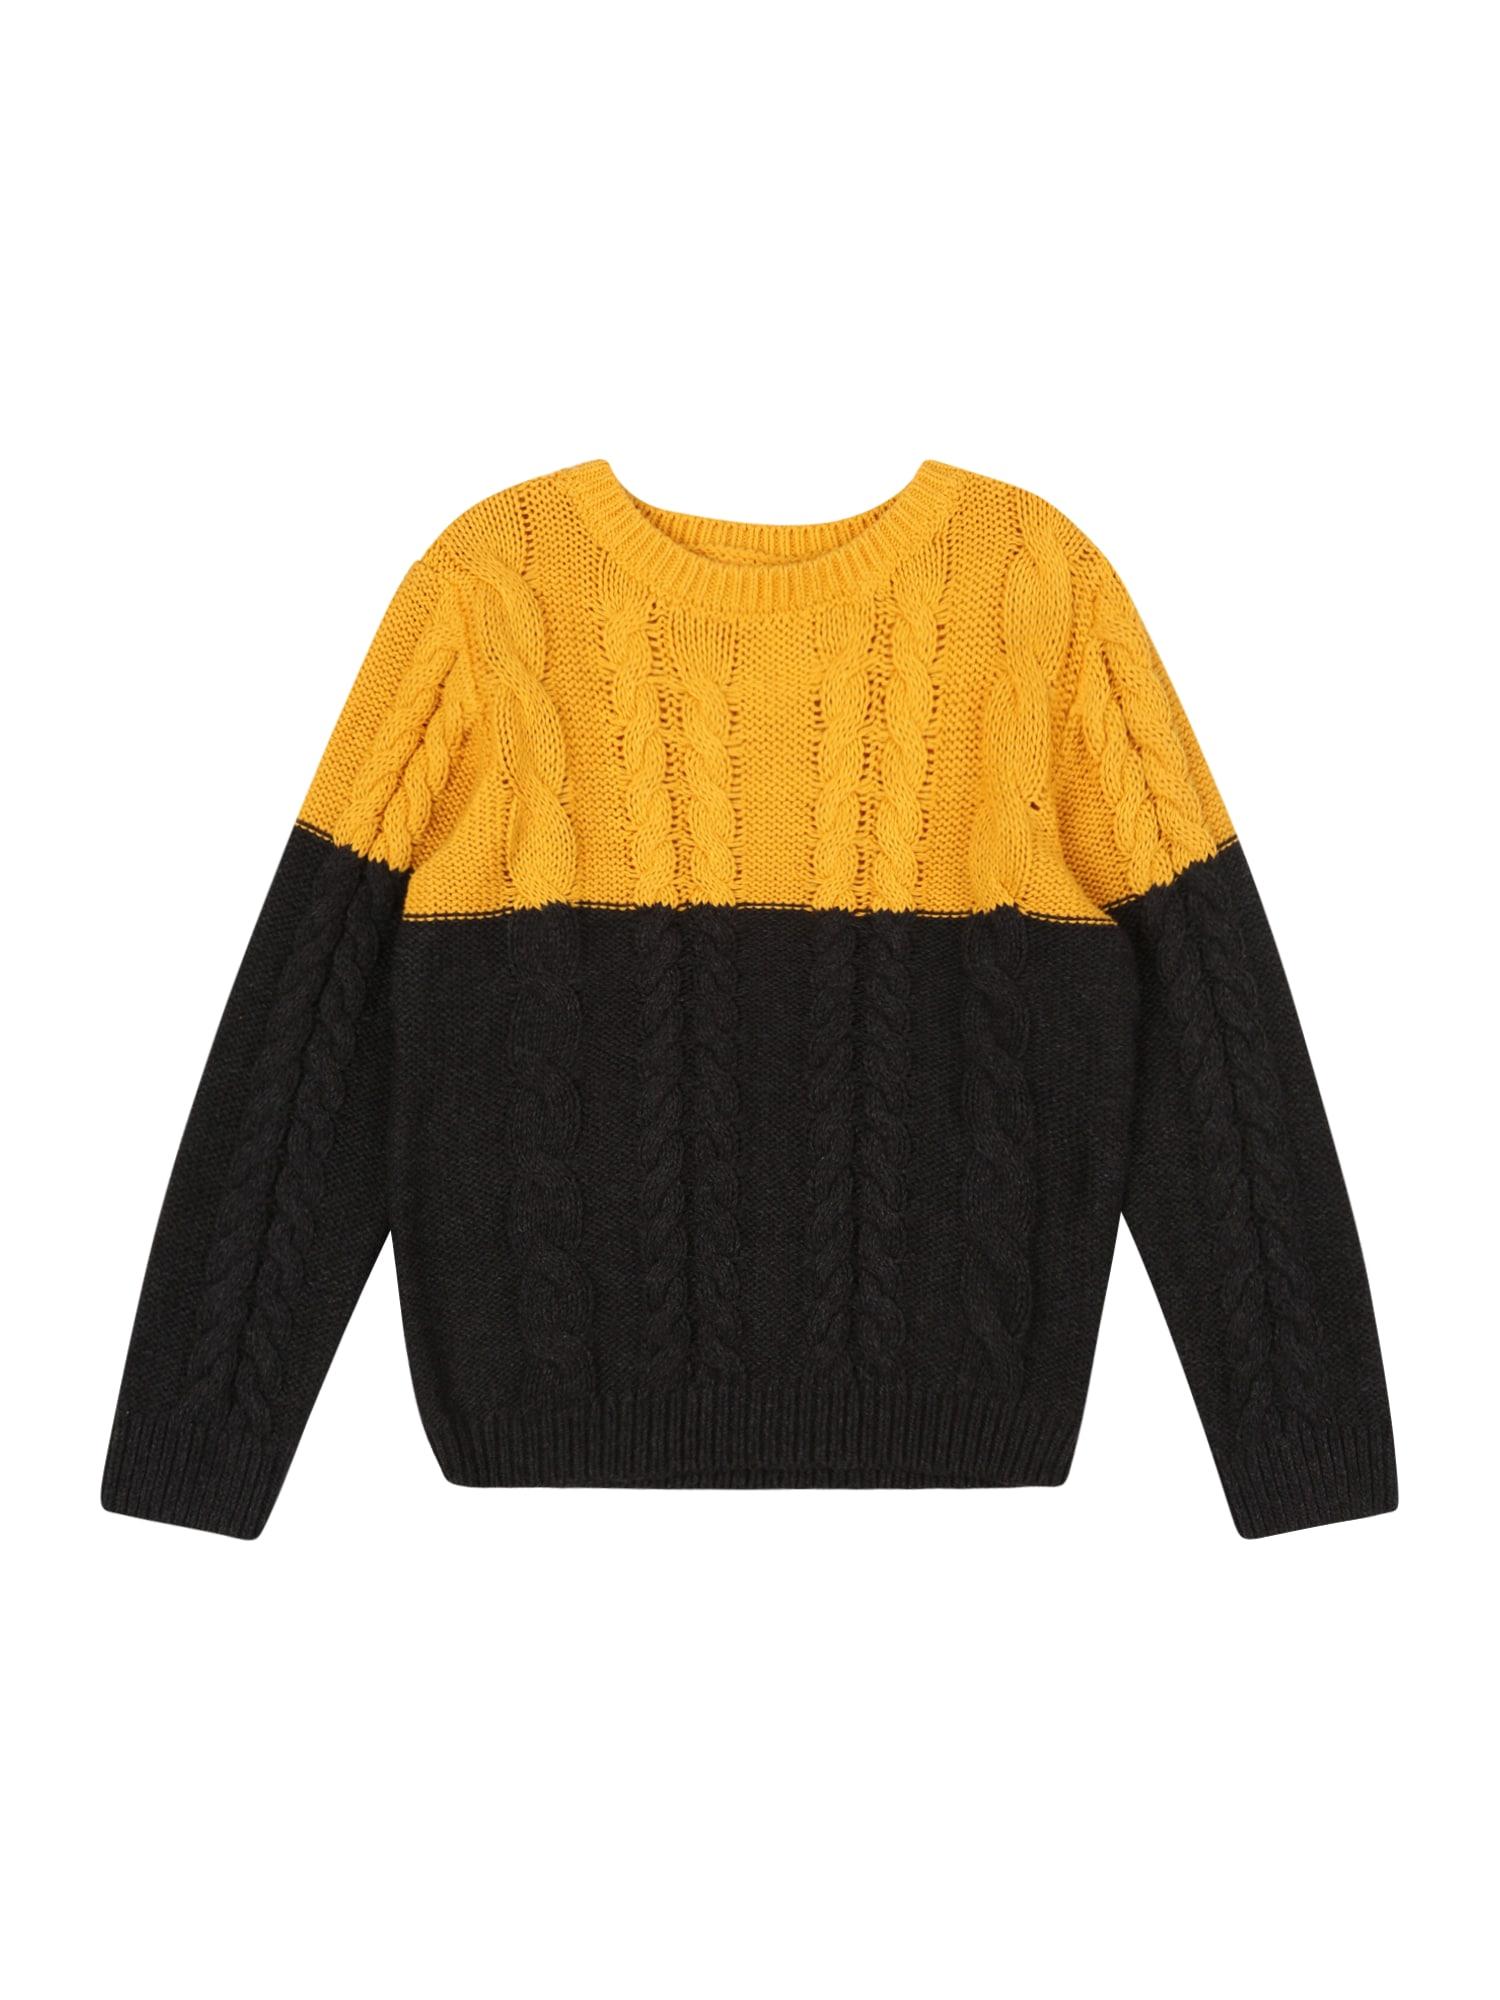 NAME IT Megztinis aukso geltonumo spalva / nakties mėlyna